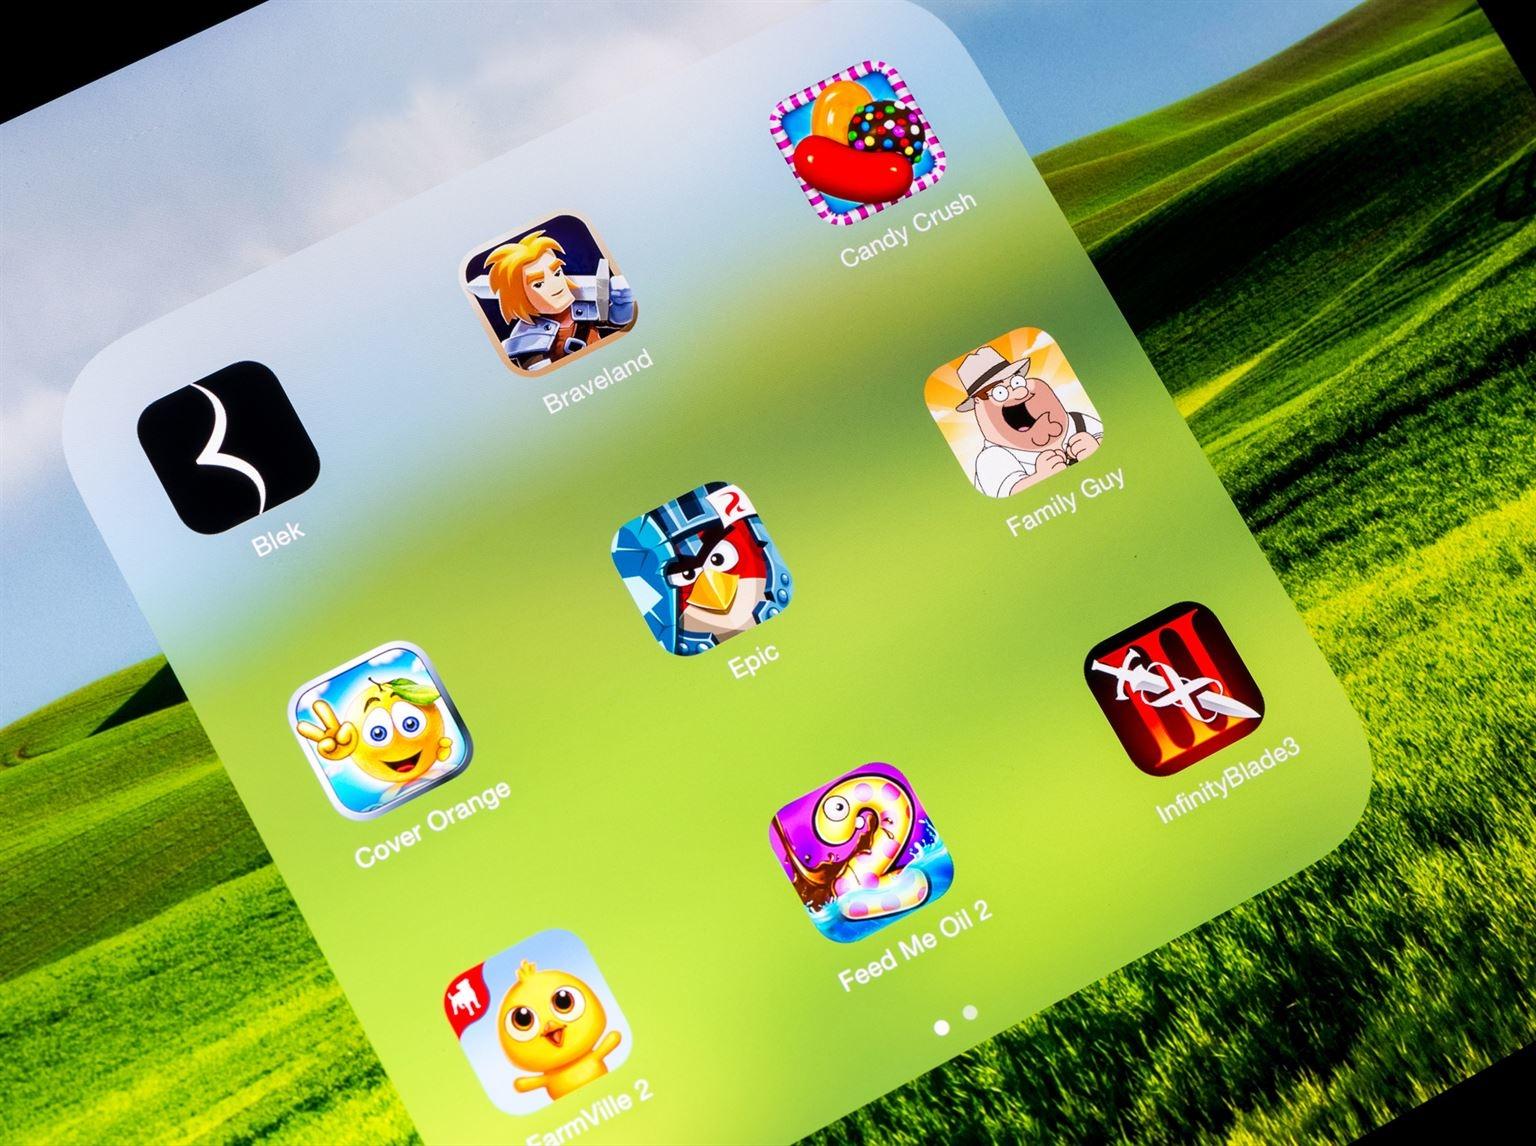 Jeux Sur Tablette: 64 Choix Pour Enfants | Protégez-Vous.ca intérieur Jeu Gratuit Enfant 7 Ans